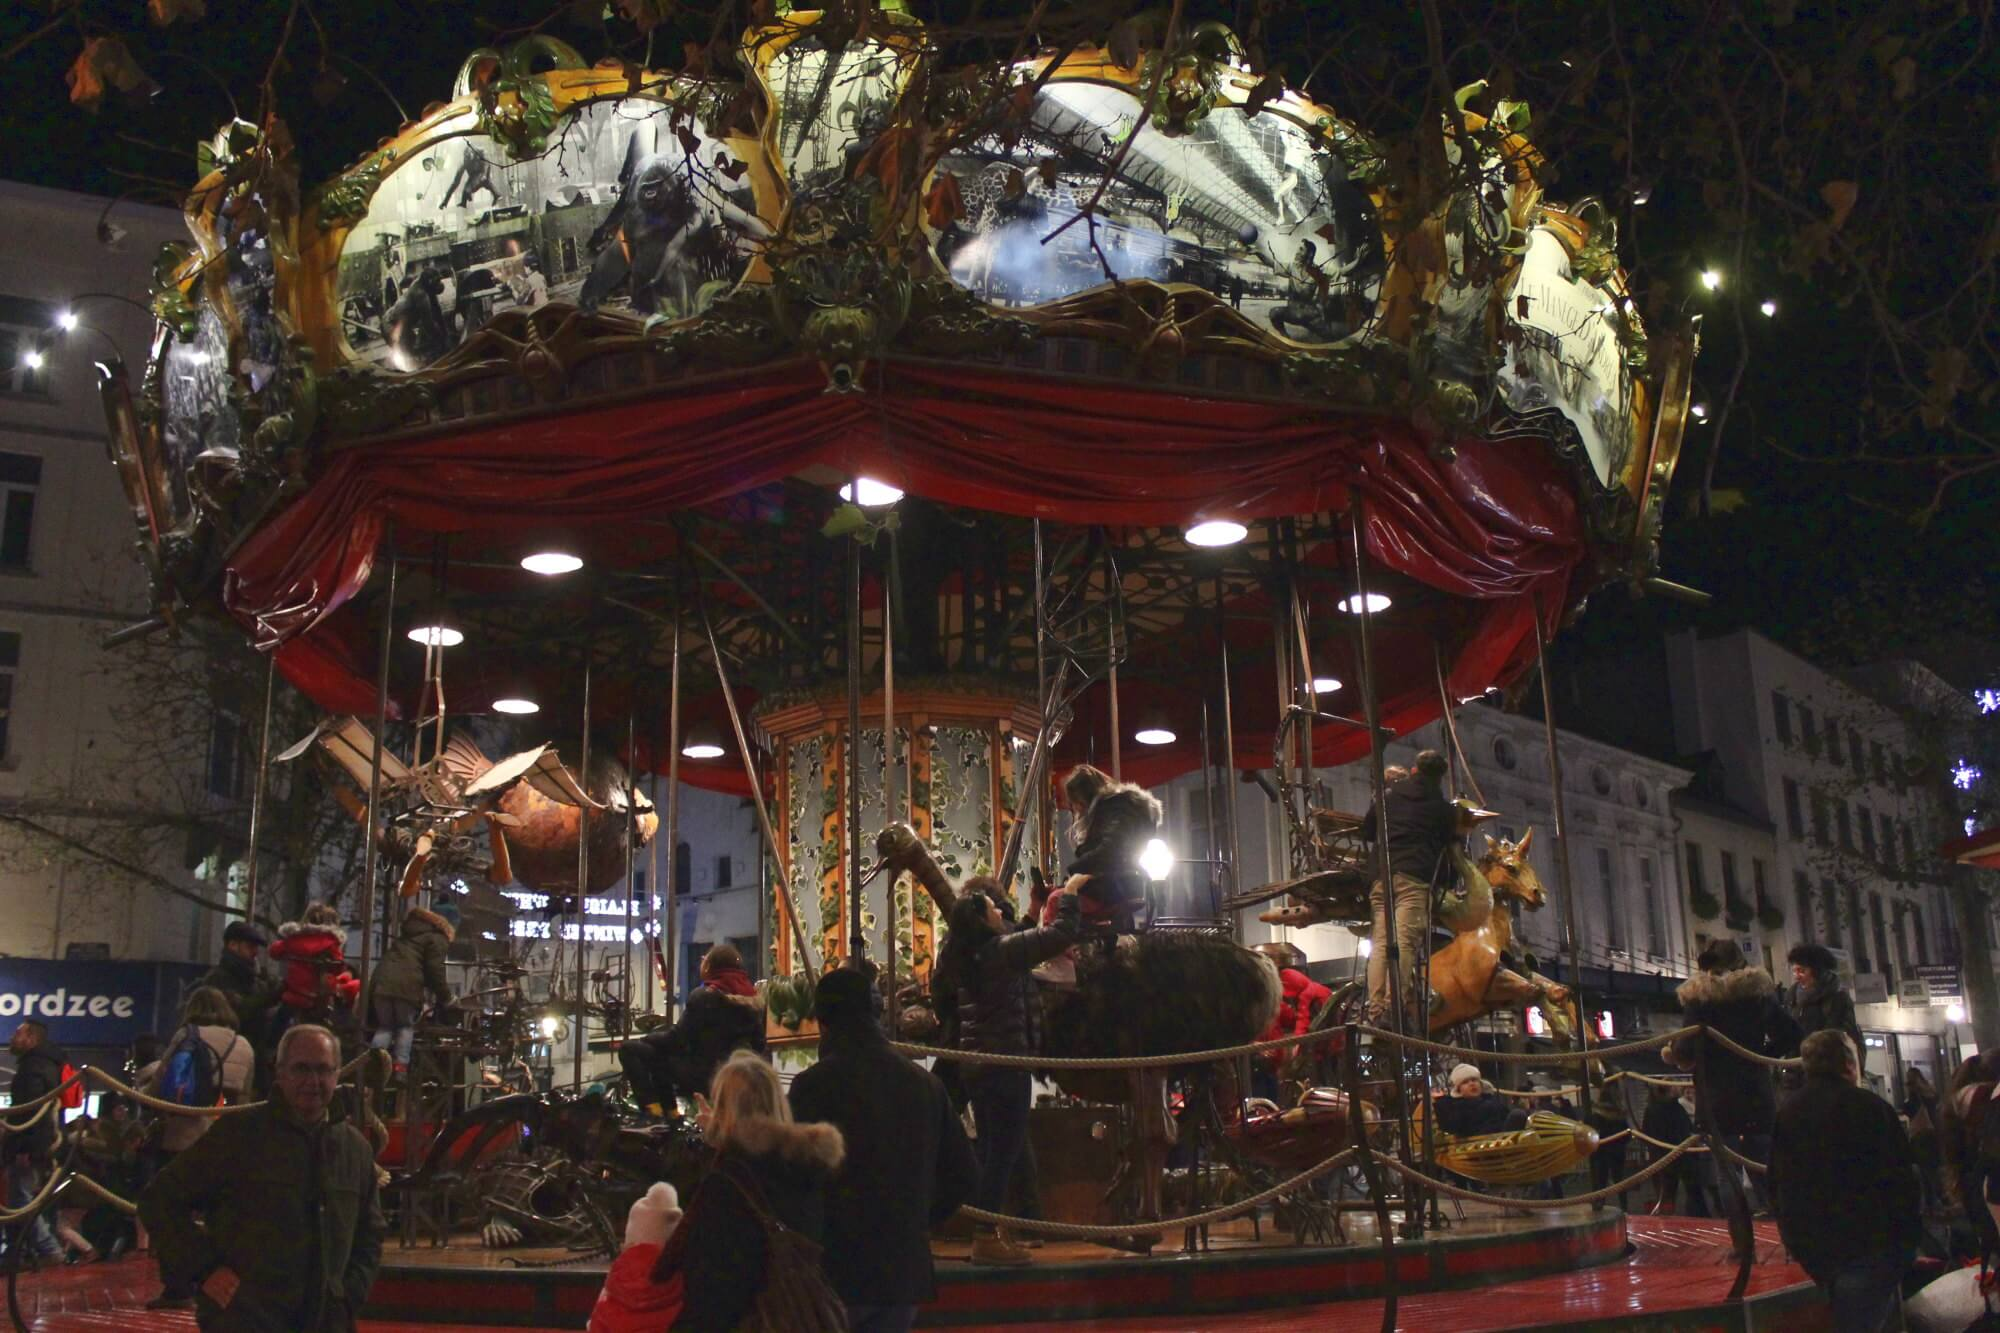 Karussell am Weihnachtsmarkt in Brüssel